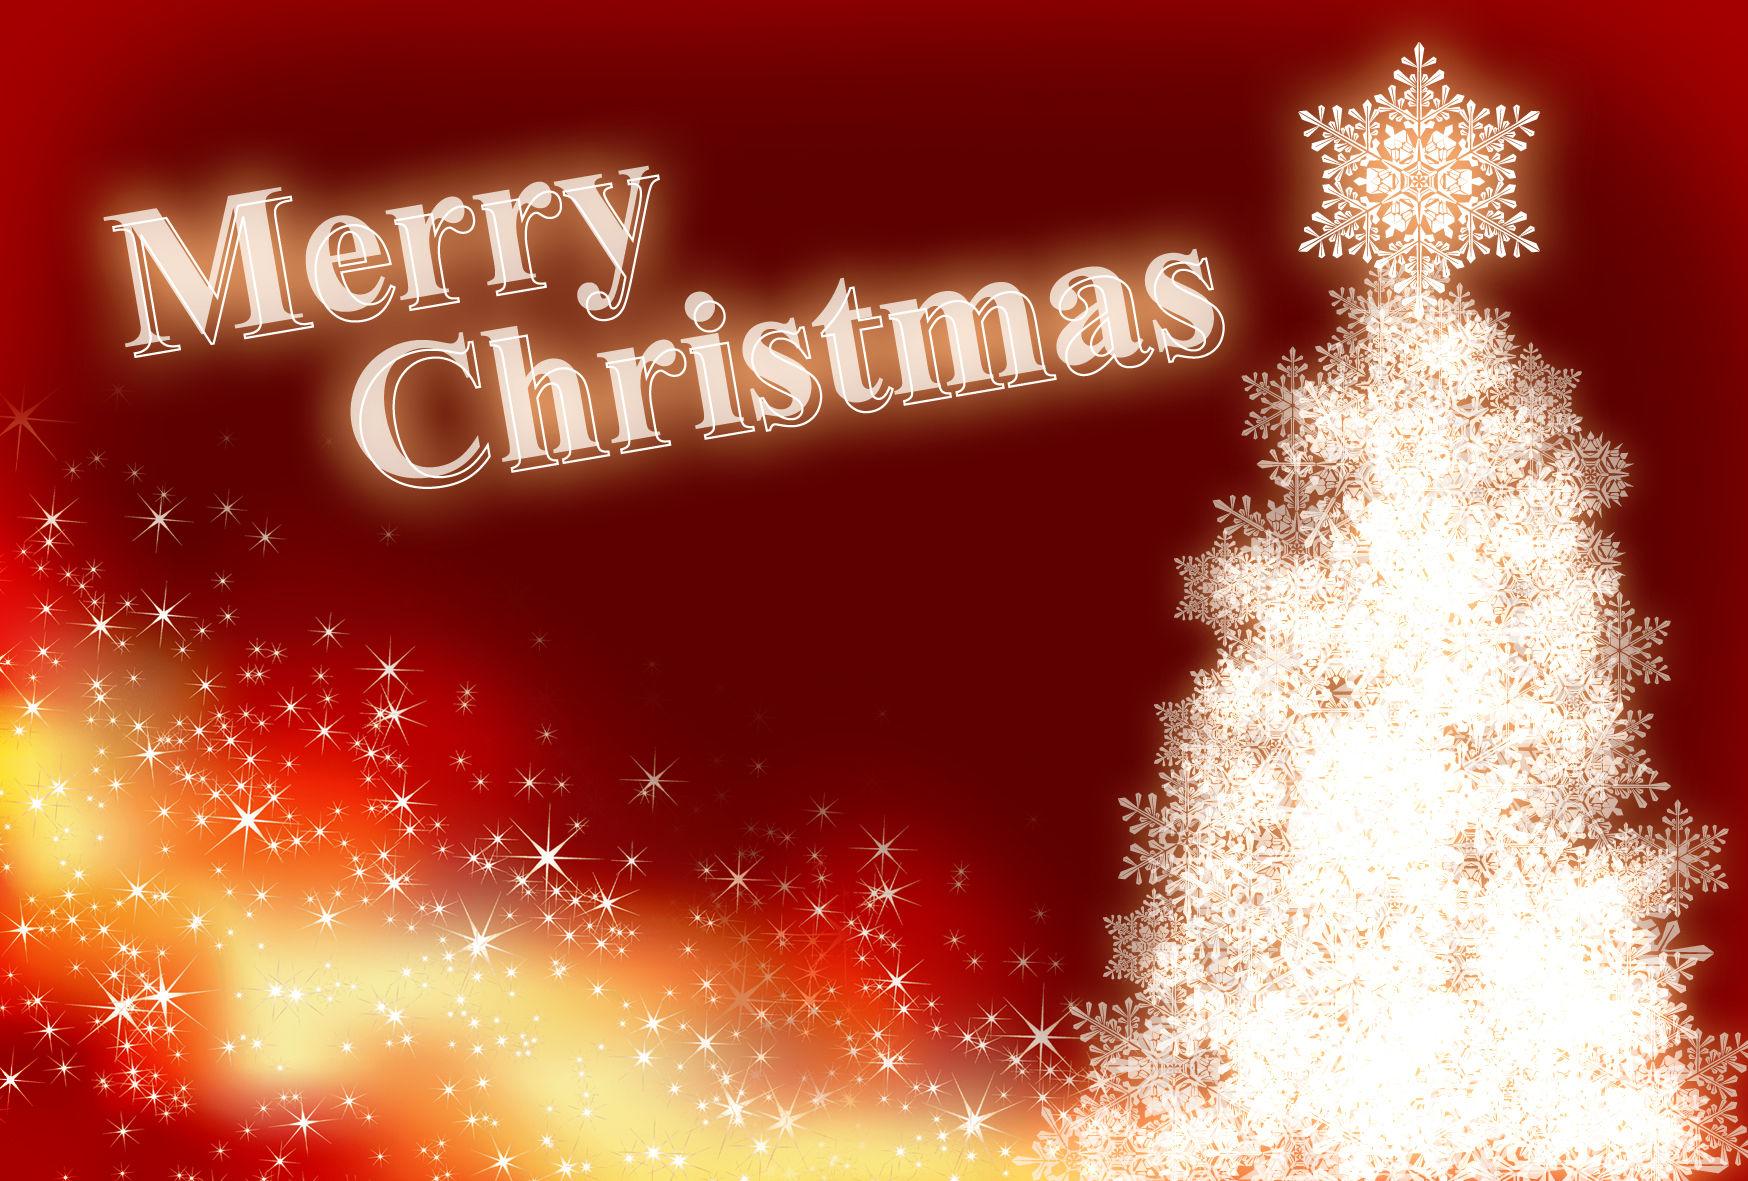 【クリスマスプレゼント交換】予算500円以内の人気おすすめ商品ランキング!のサムネイル画像